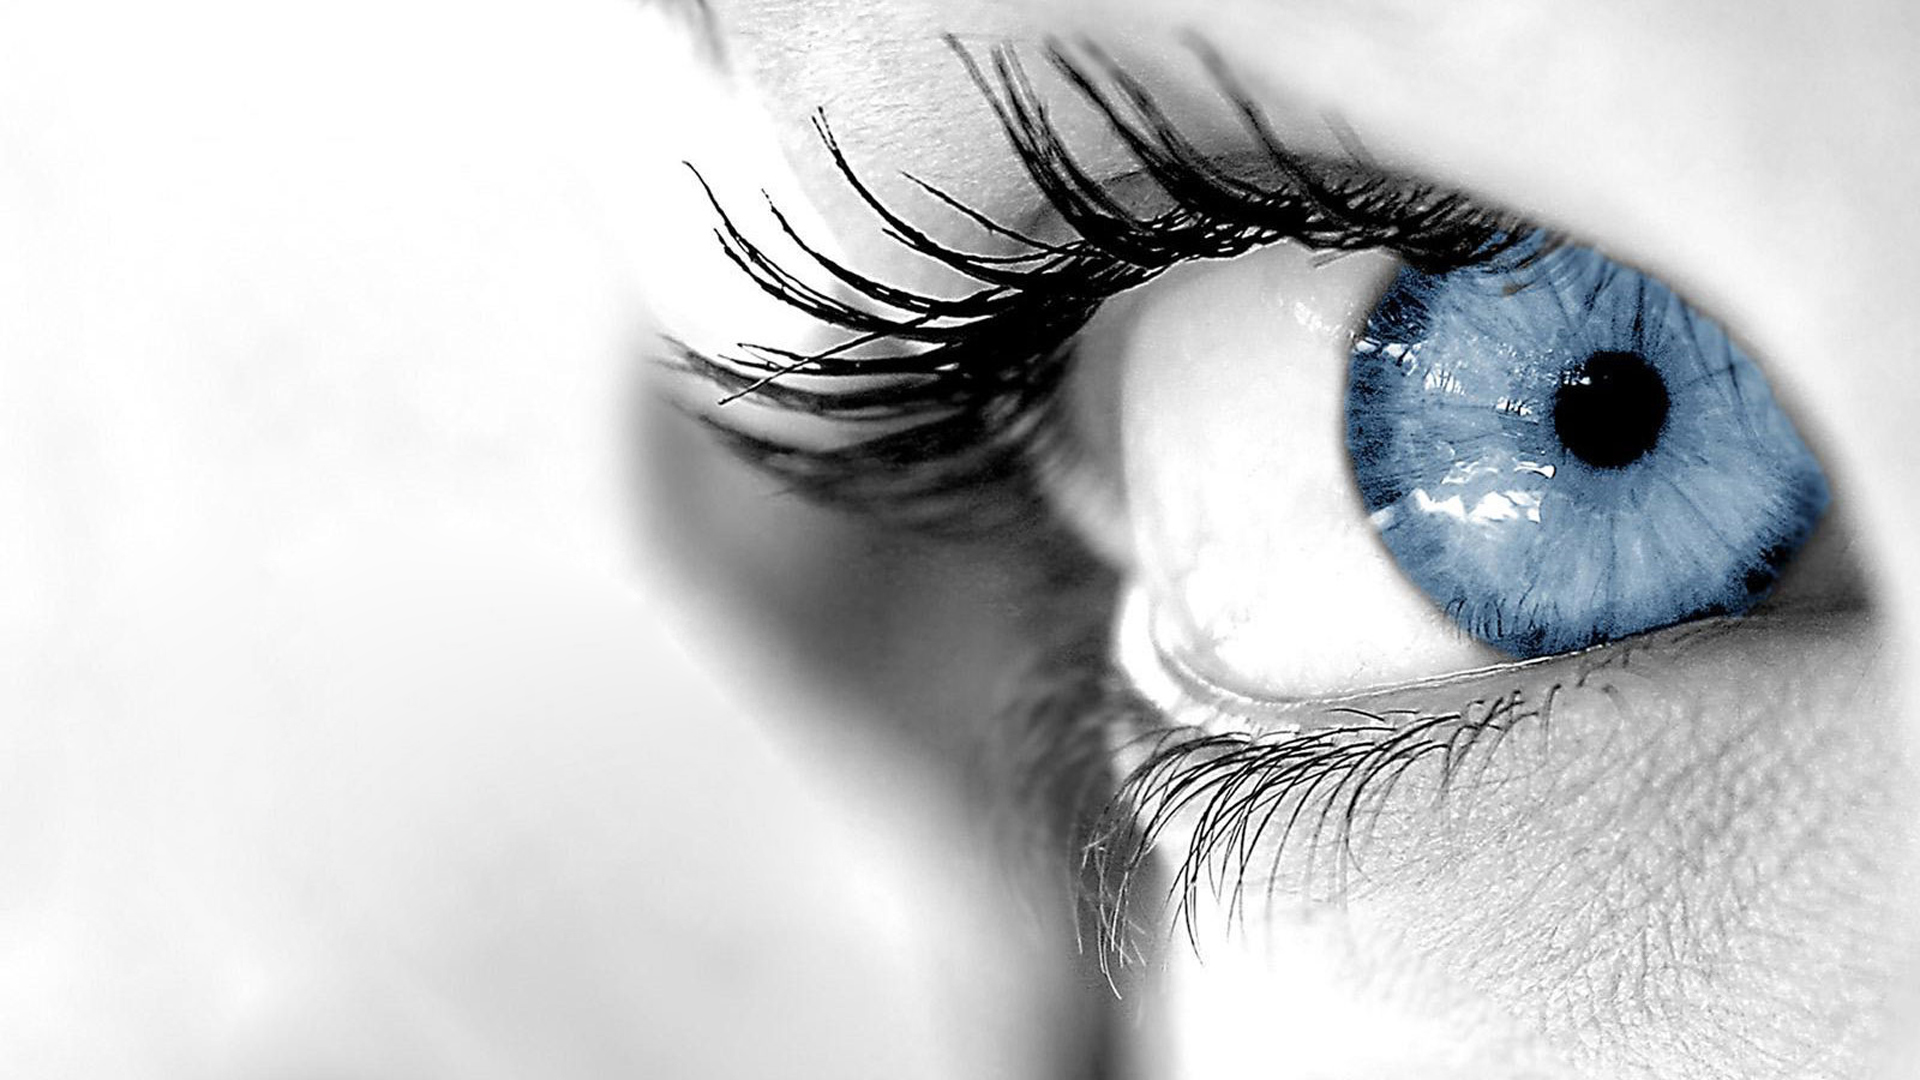 Malattie della pelle e colore degli occhi, trovato un nesso